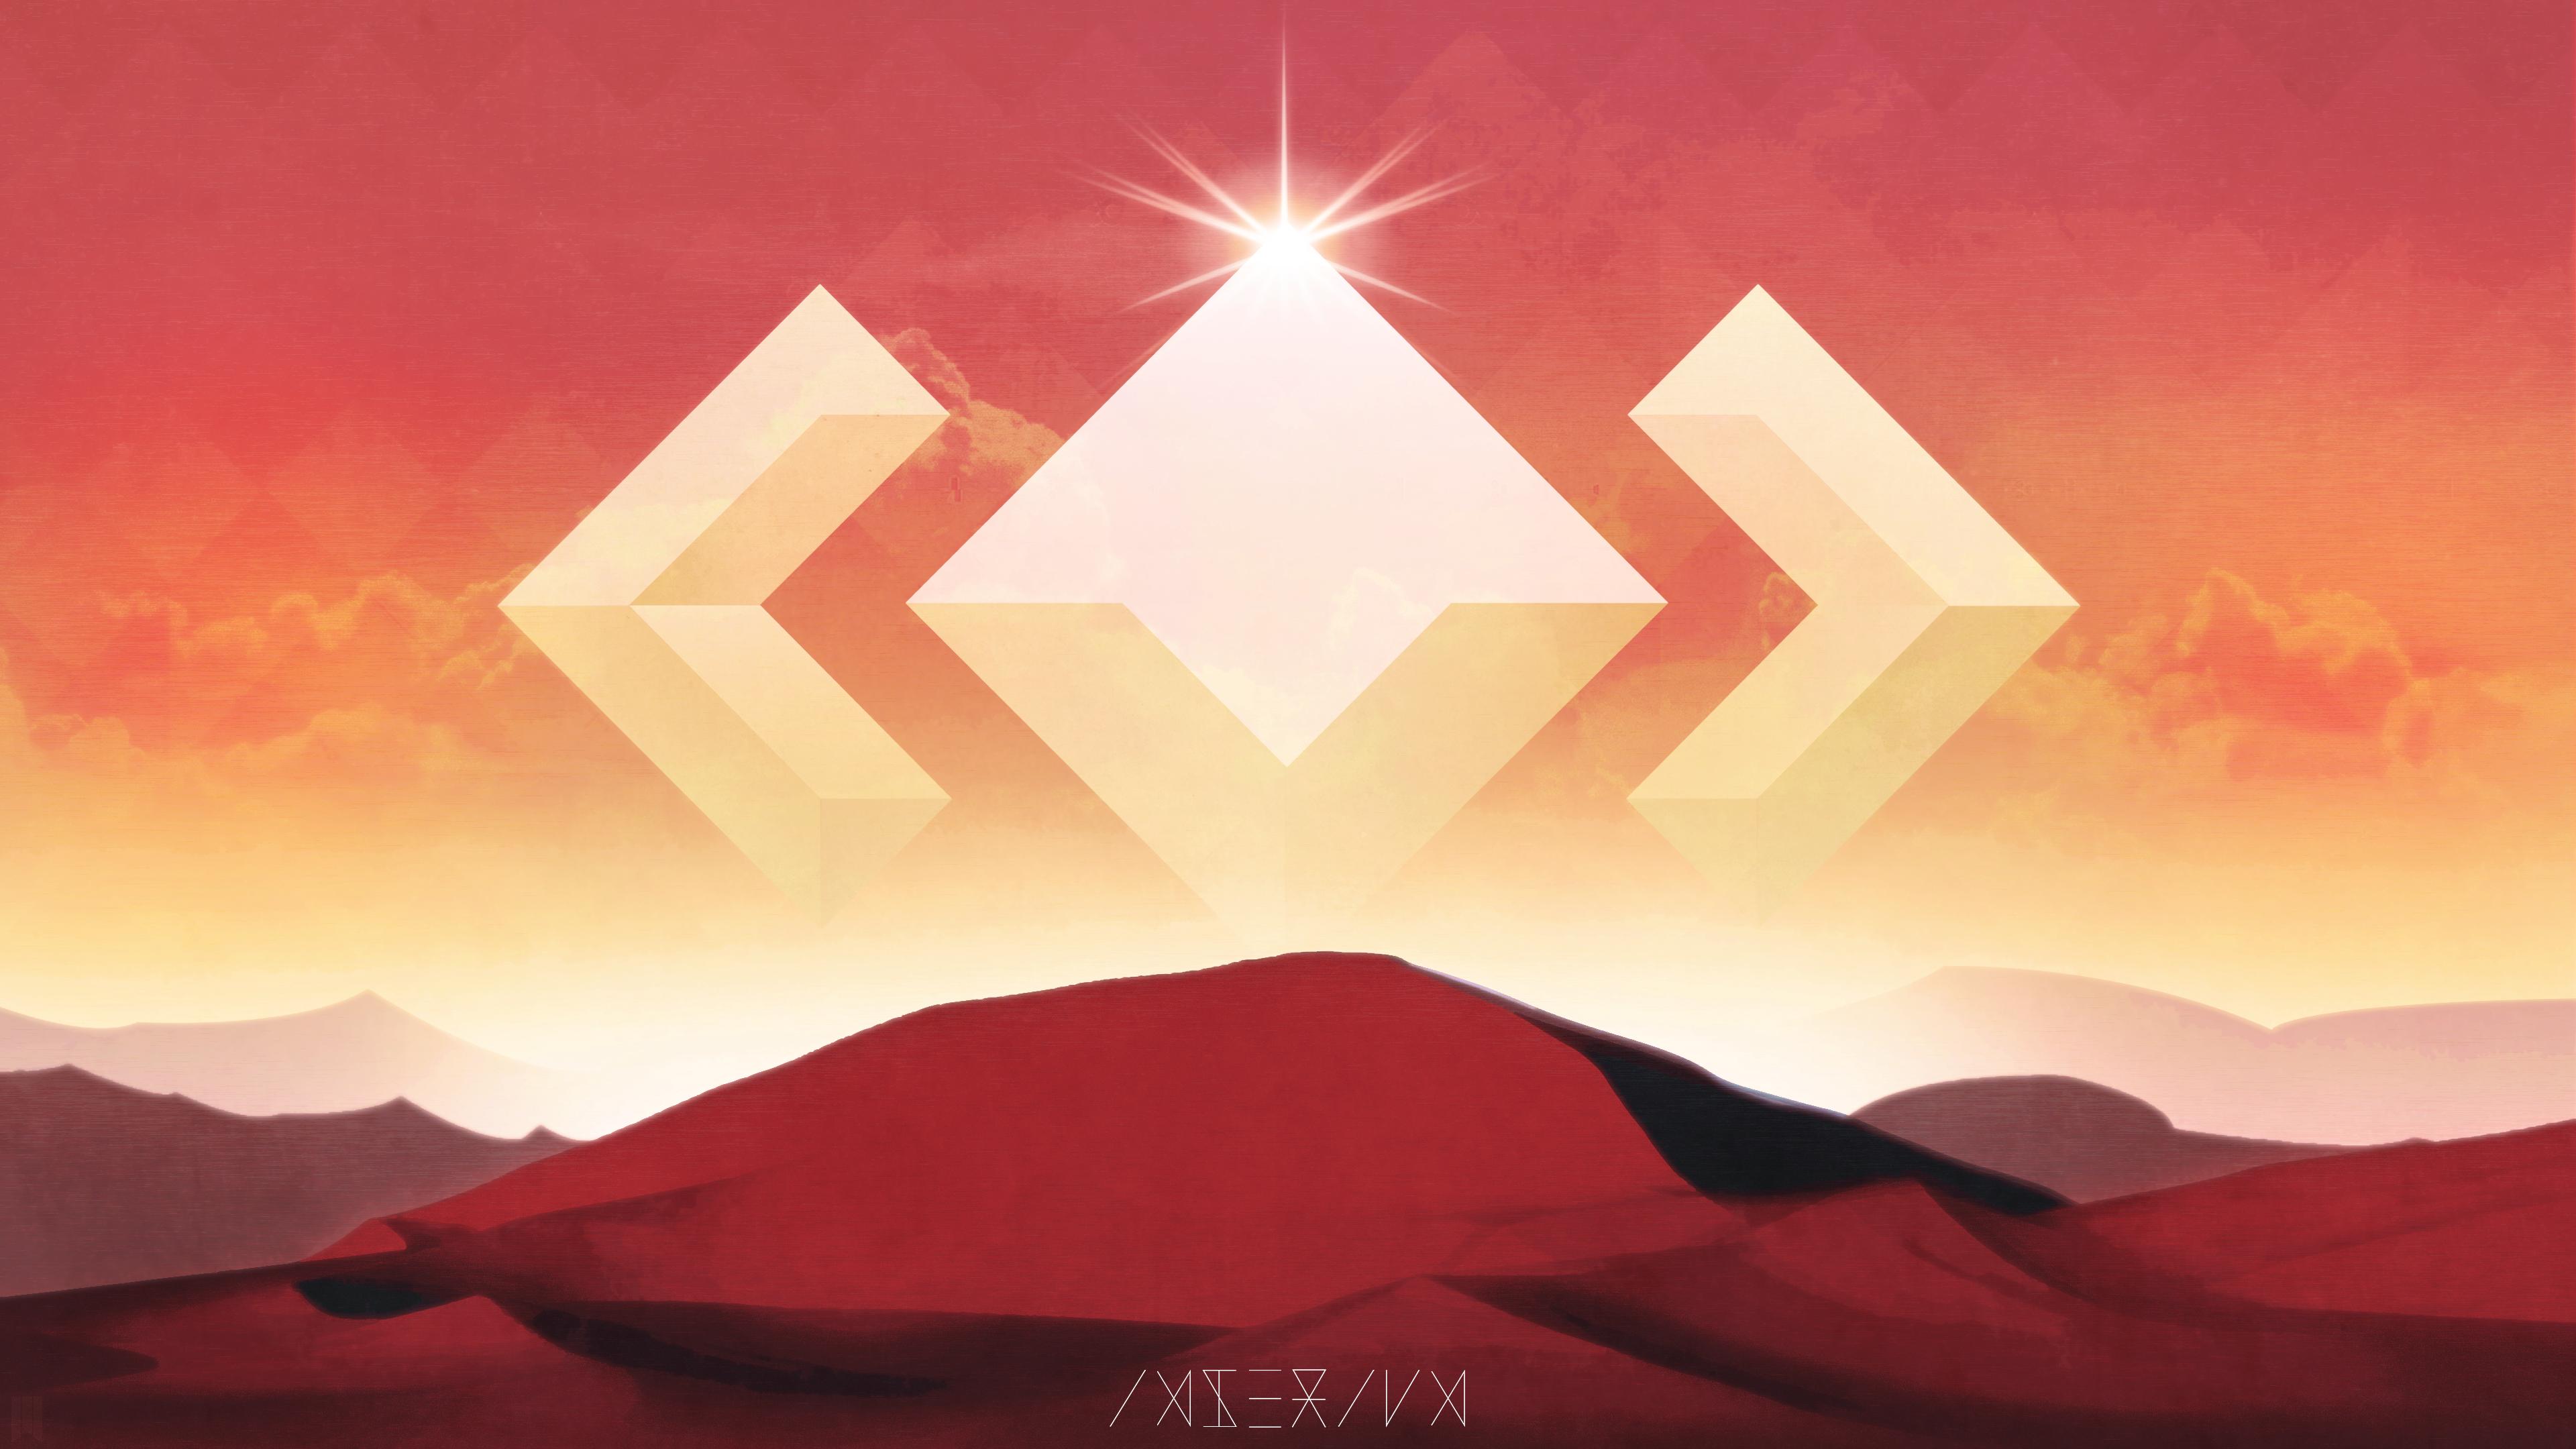 Madeon - Imperium (Remake) by RekaVM on DeviantArt